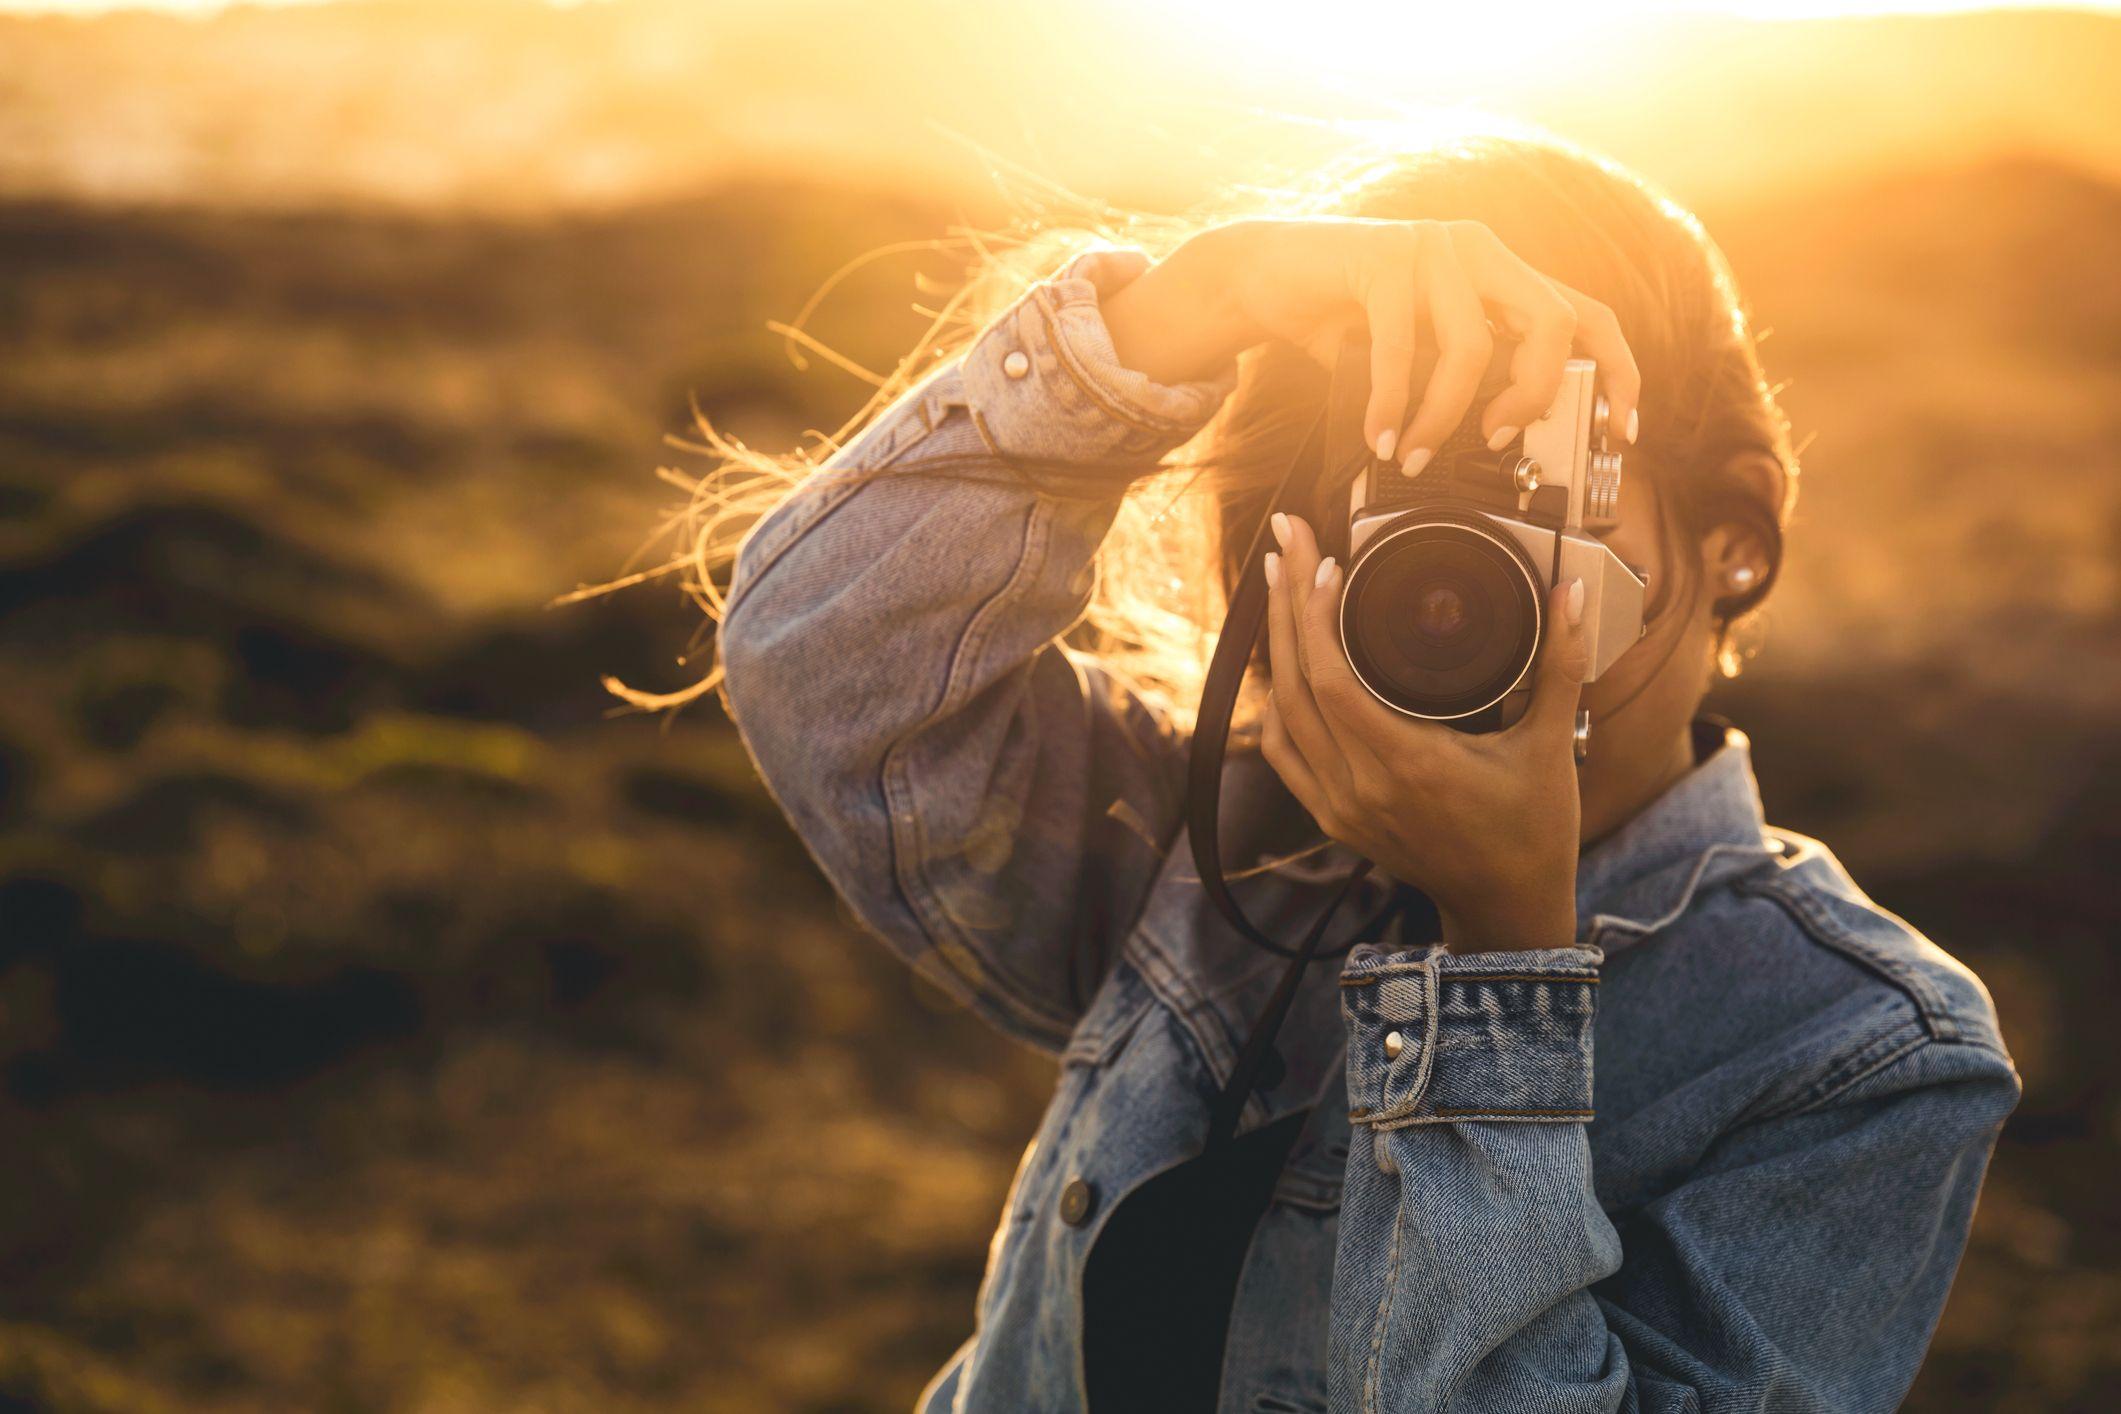 Best Black Friday Camera Deals Uk Cheap Mirrorless Camera Deals